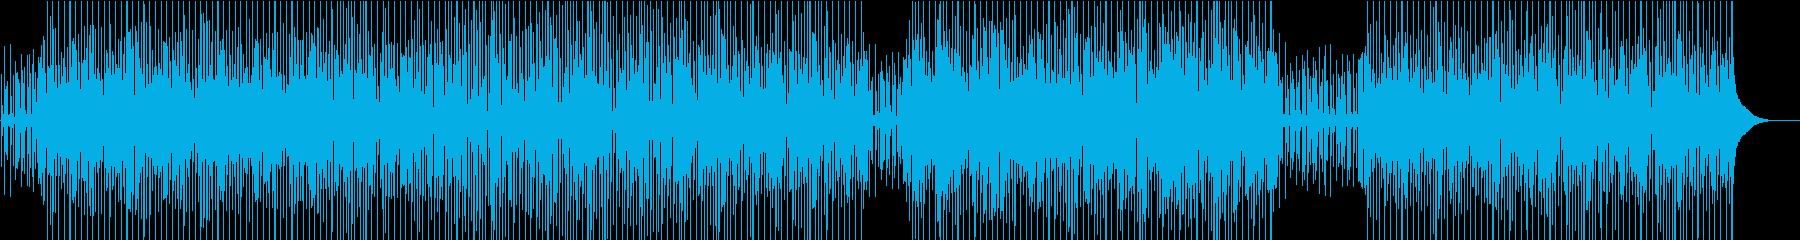 のんびりアコースティックのカントリーの再生済みの波形